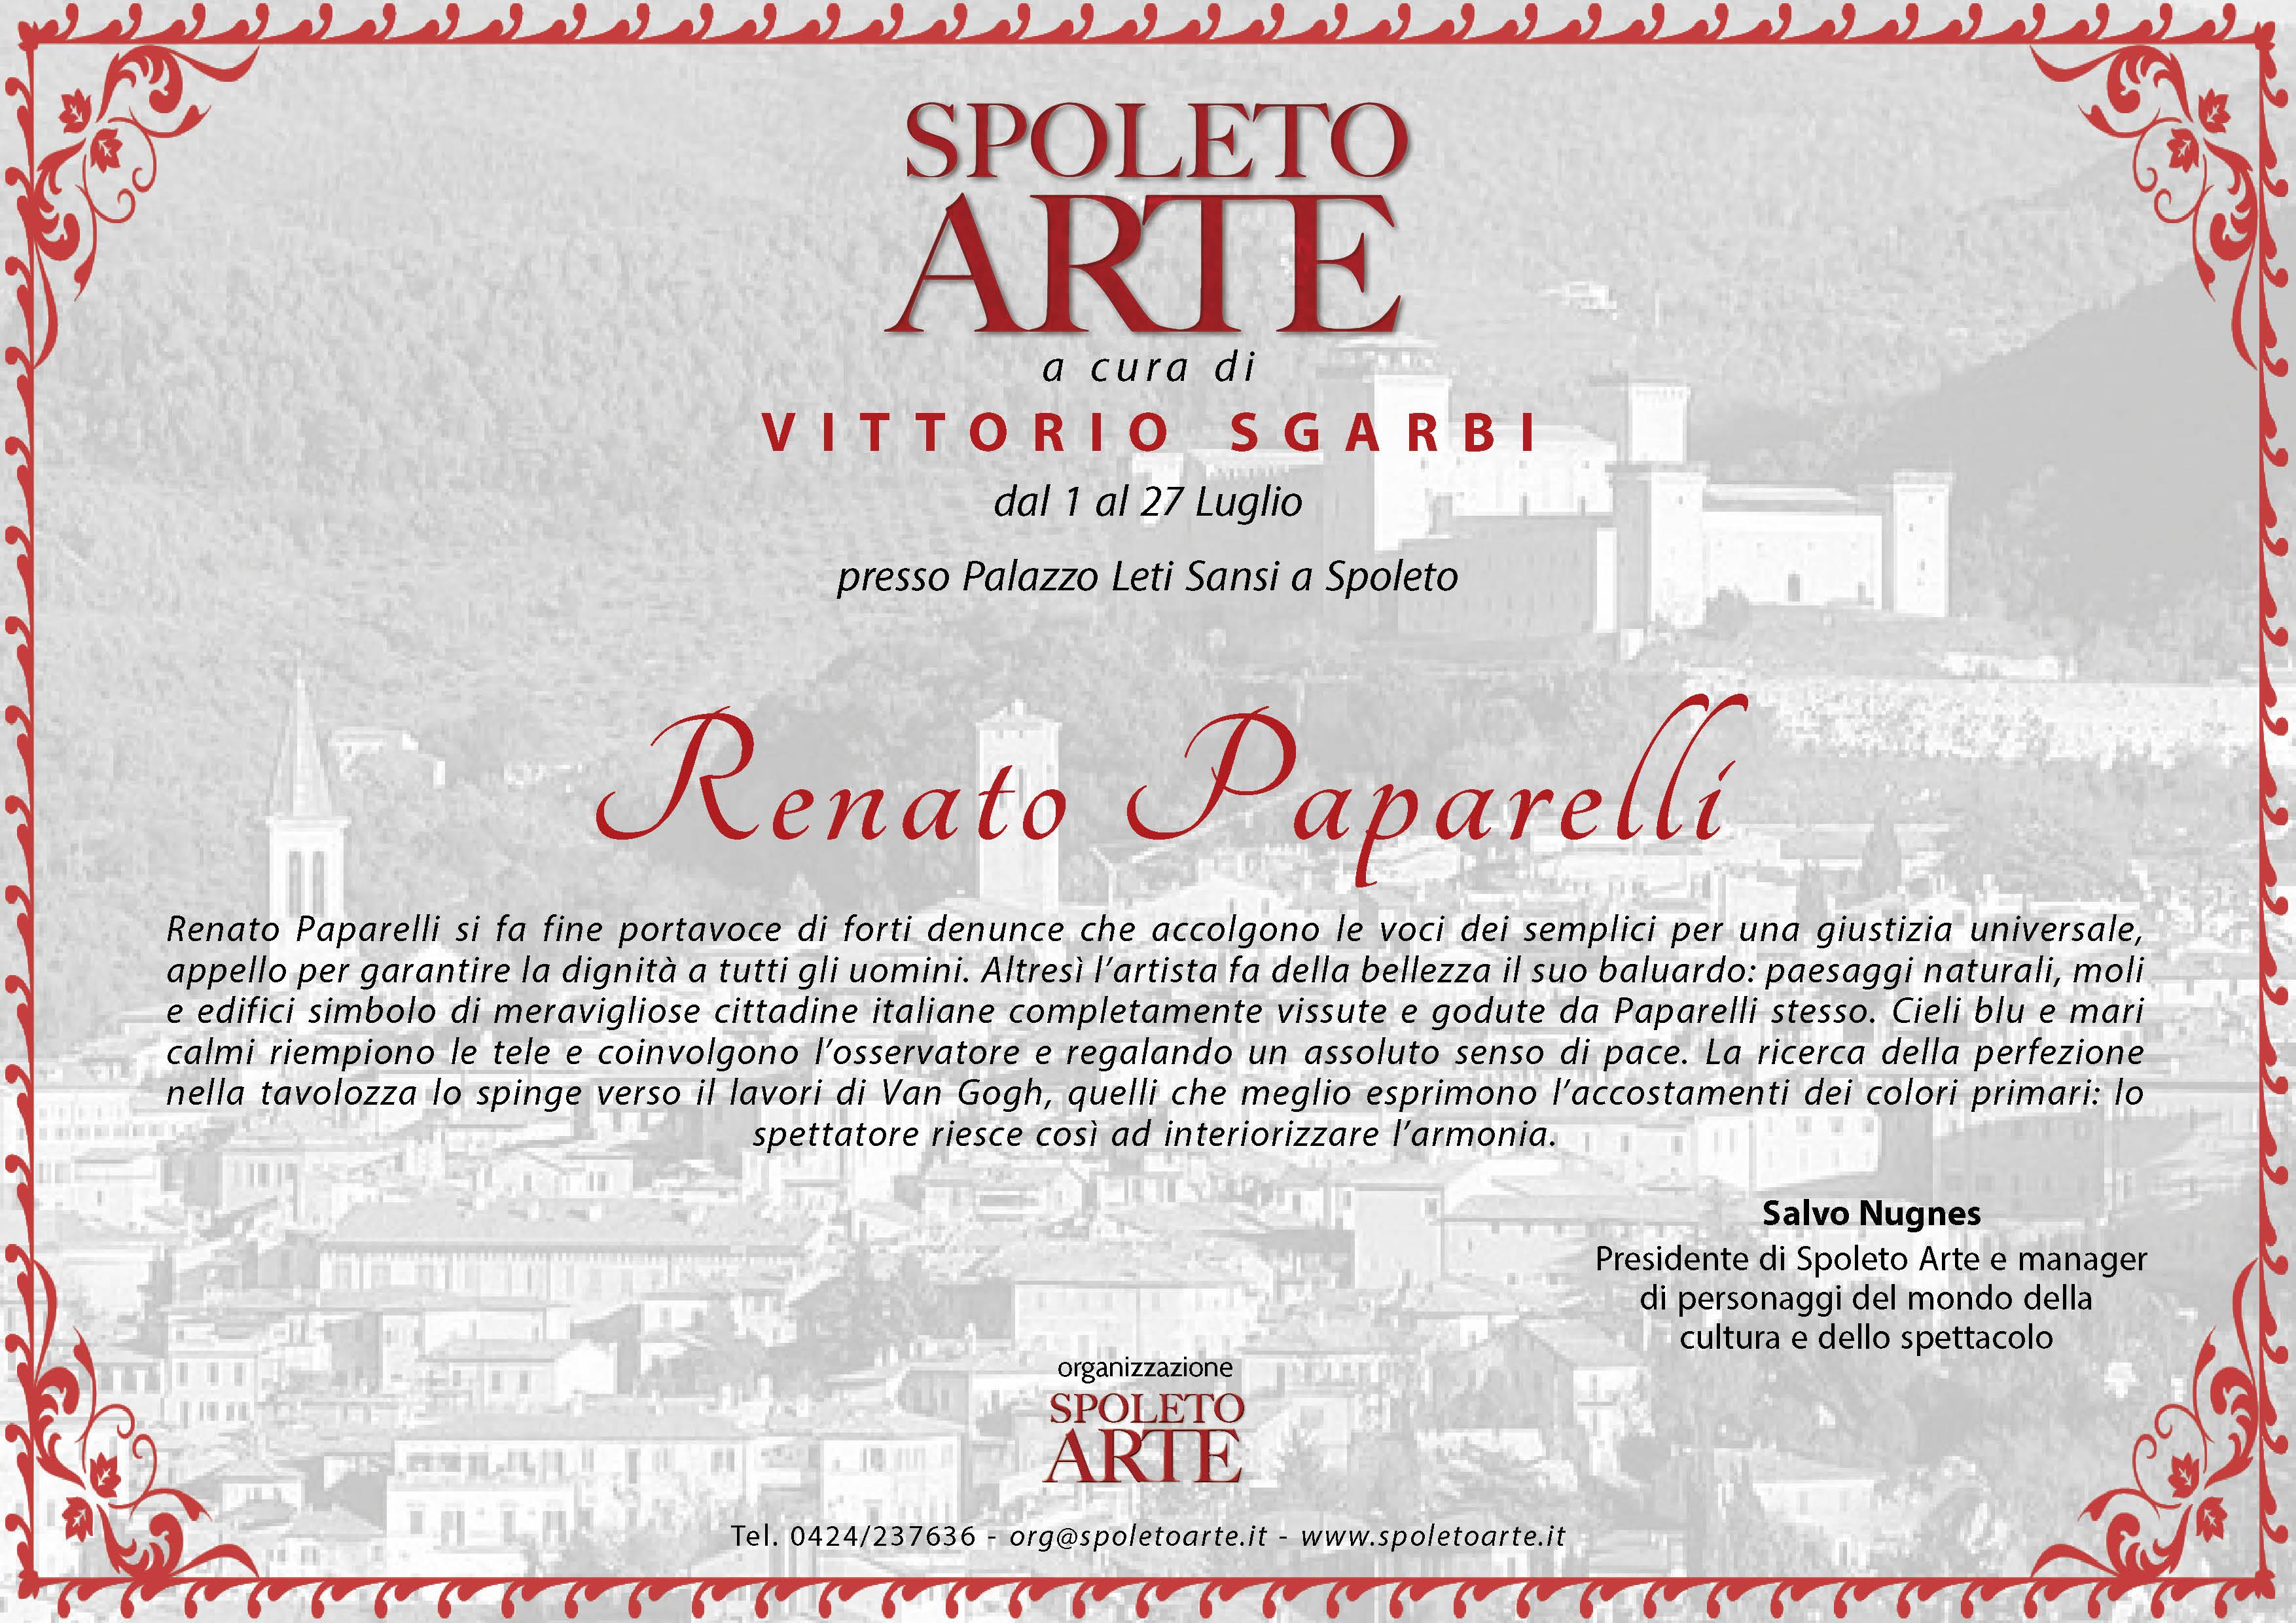 Critica di Salvo Nugnes per Enrico Renato Paparelli